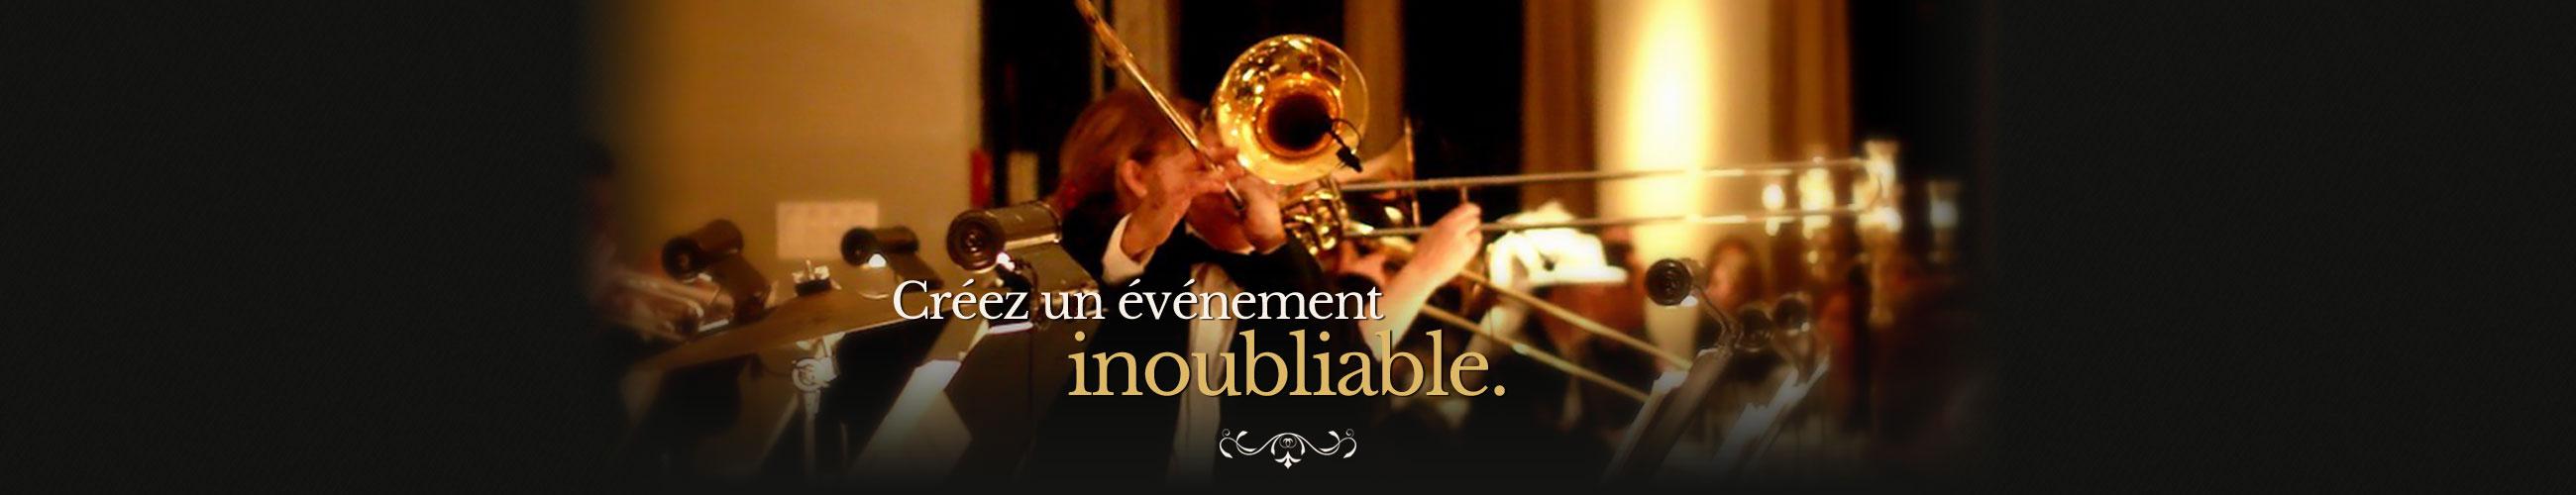 slider-unforgettable-event-fr